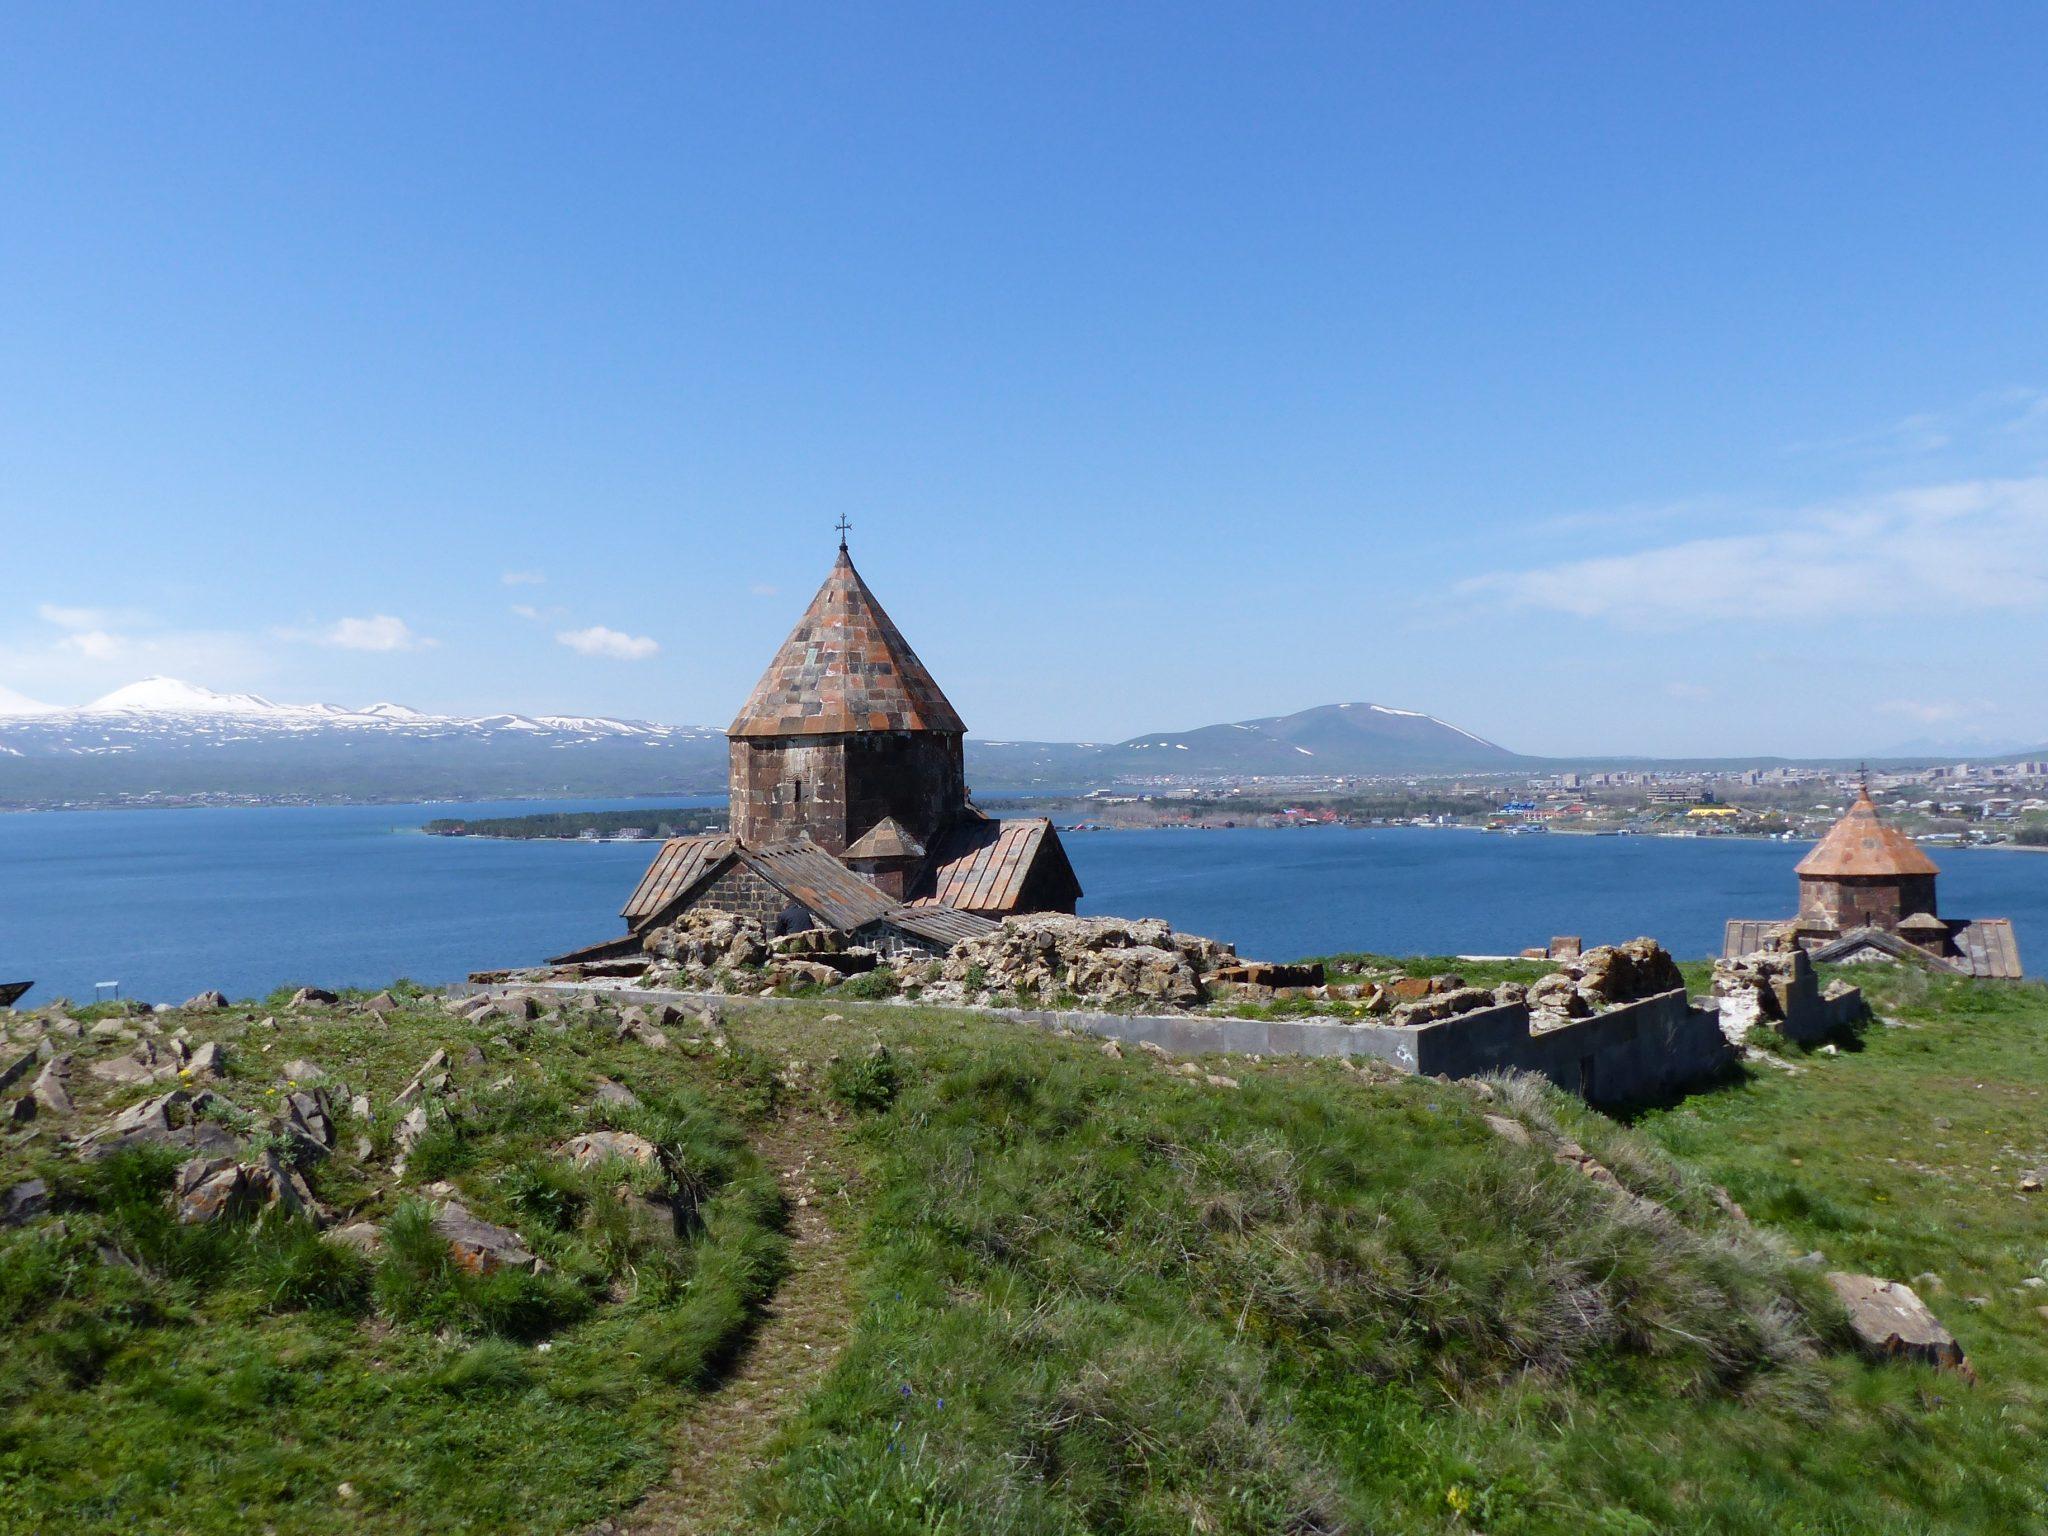 Natuurreis Armenië sevanavank